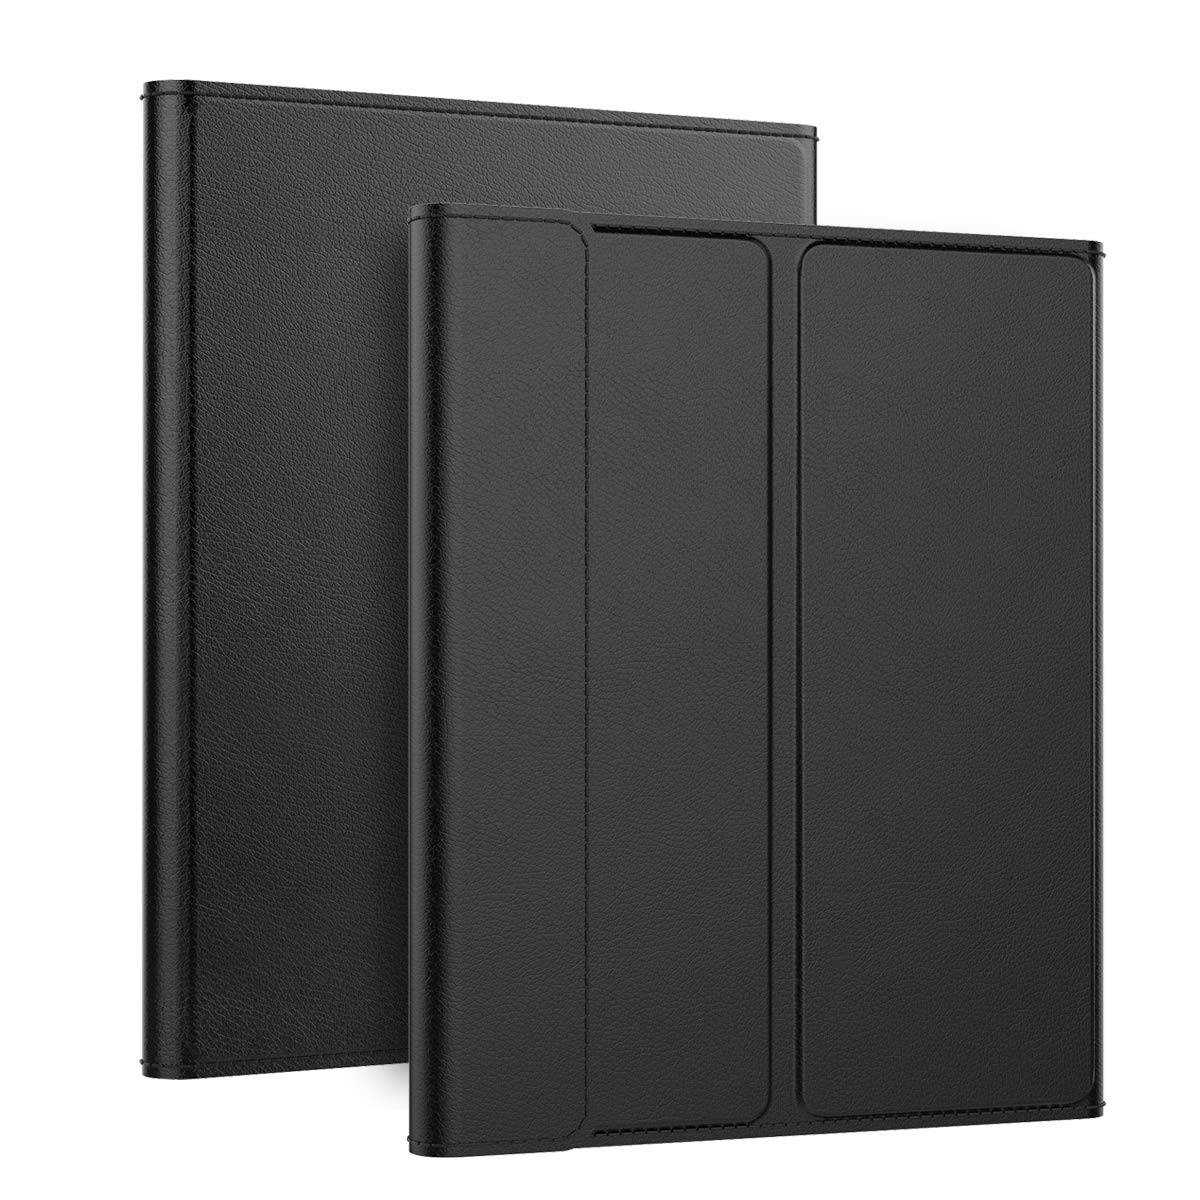 【ネット限定】 Torubia iPad Pro Pro 12.9 インチ 2018 B07KFWXX8L ケース iPad iPad Pro 12.9 インチ 2018 レザーウォレットケース ブックデザイン フリップカバーとスタンド付き [クレジットカードスロット] カバーケース iPad Pro 12.9 インチ 2018 - ゴールデン用 B07KFWXX8L, 藤原町:bb2454e1 --- senas.4x4.lt